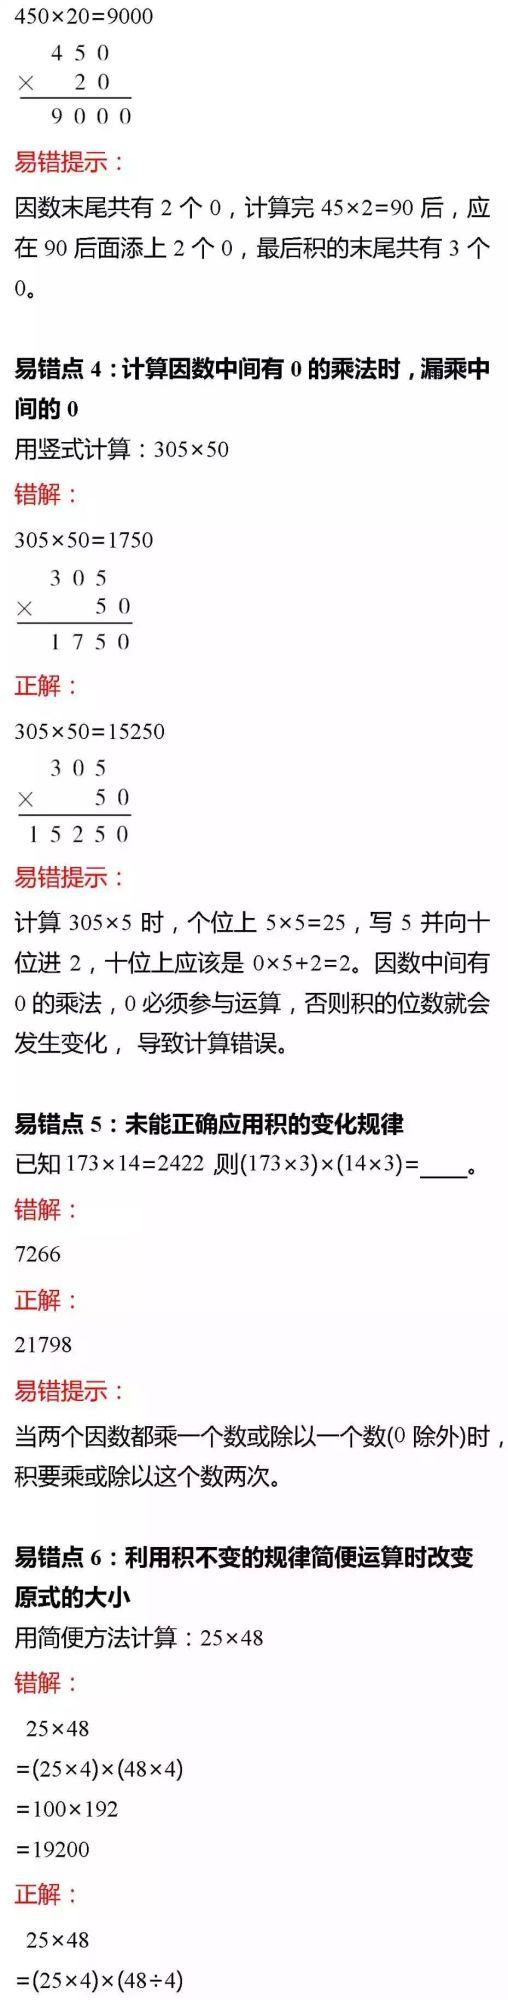 4540869ef66b40ac8ab2e70ffc439c2b.jpeg